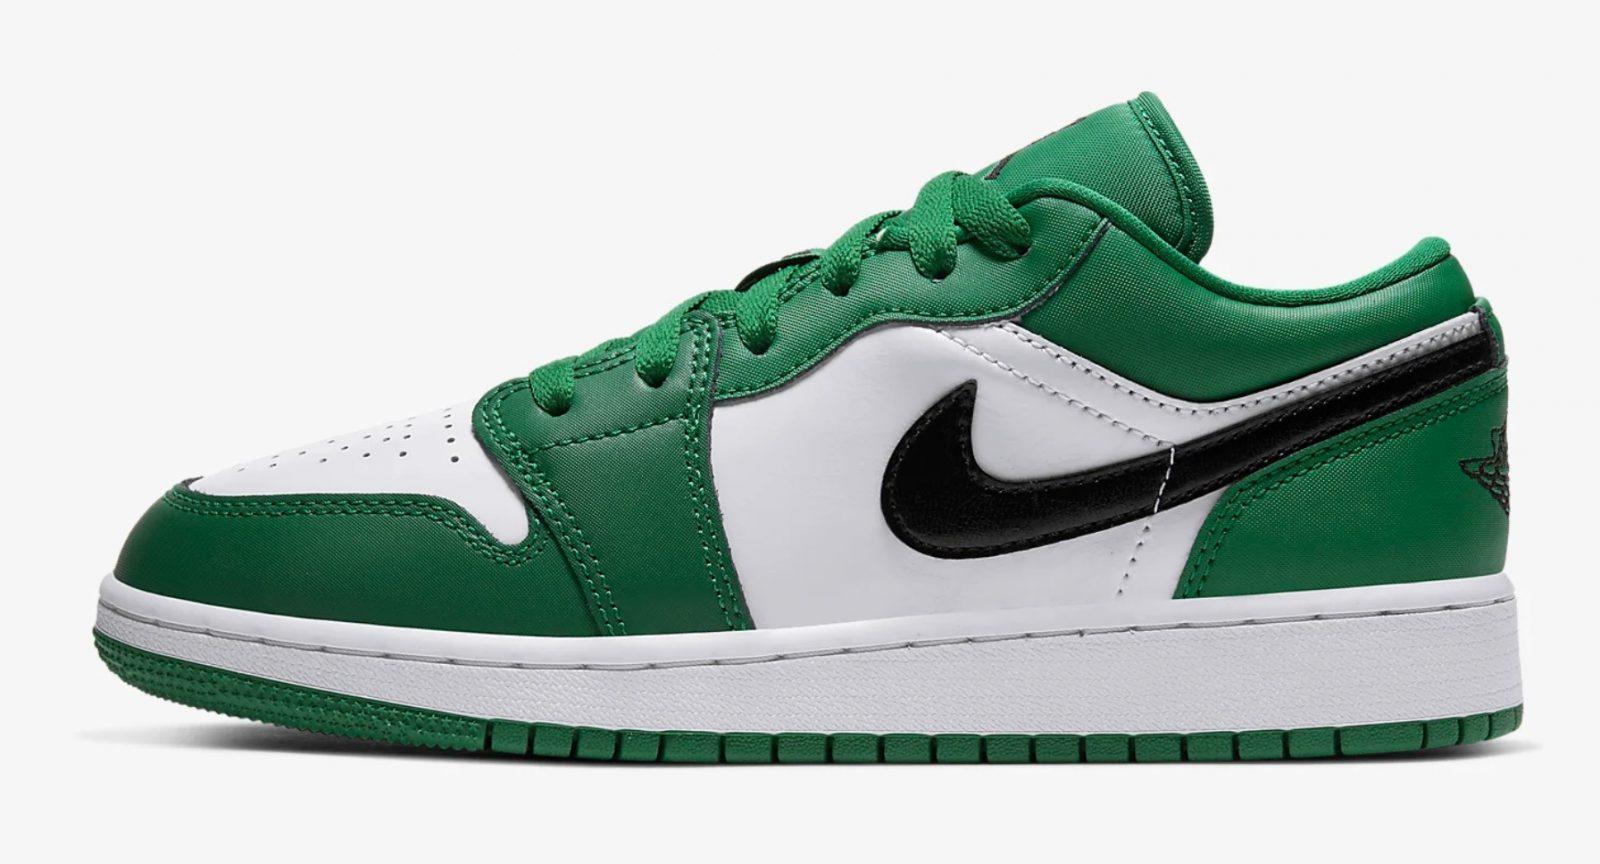 Air Jordan 1 Low Pine Green 553560-301 left